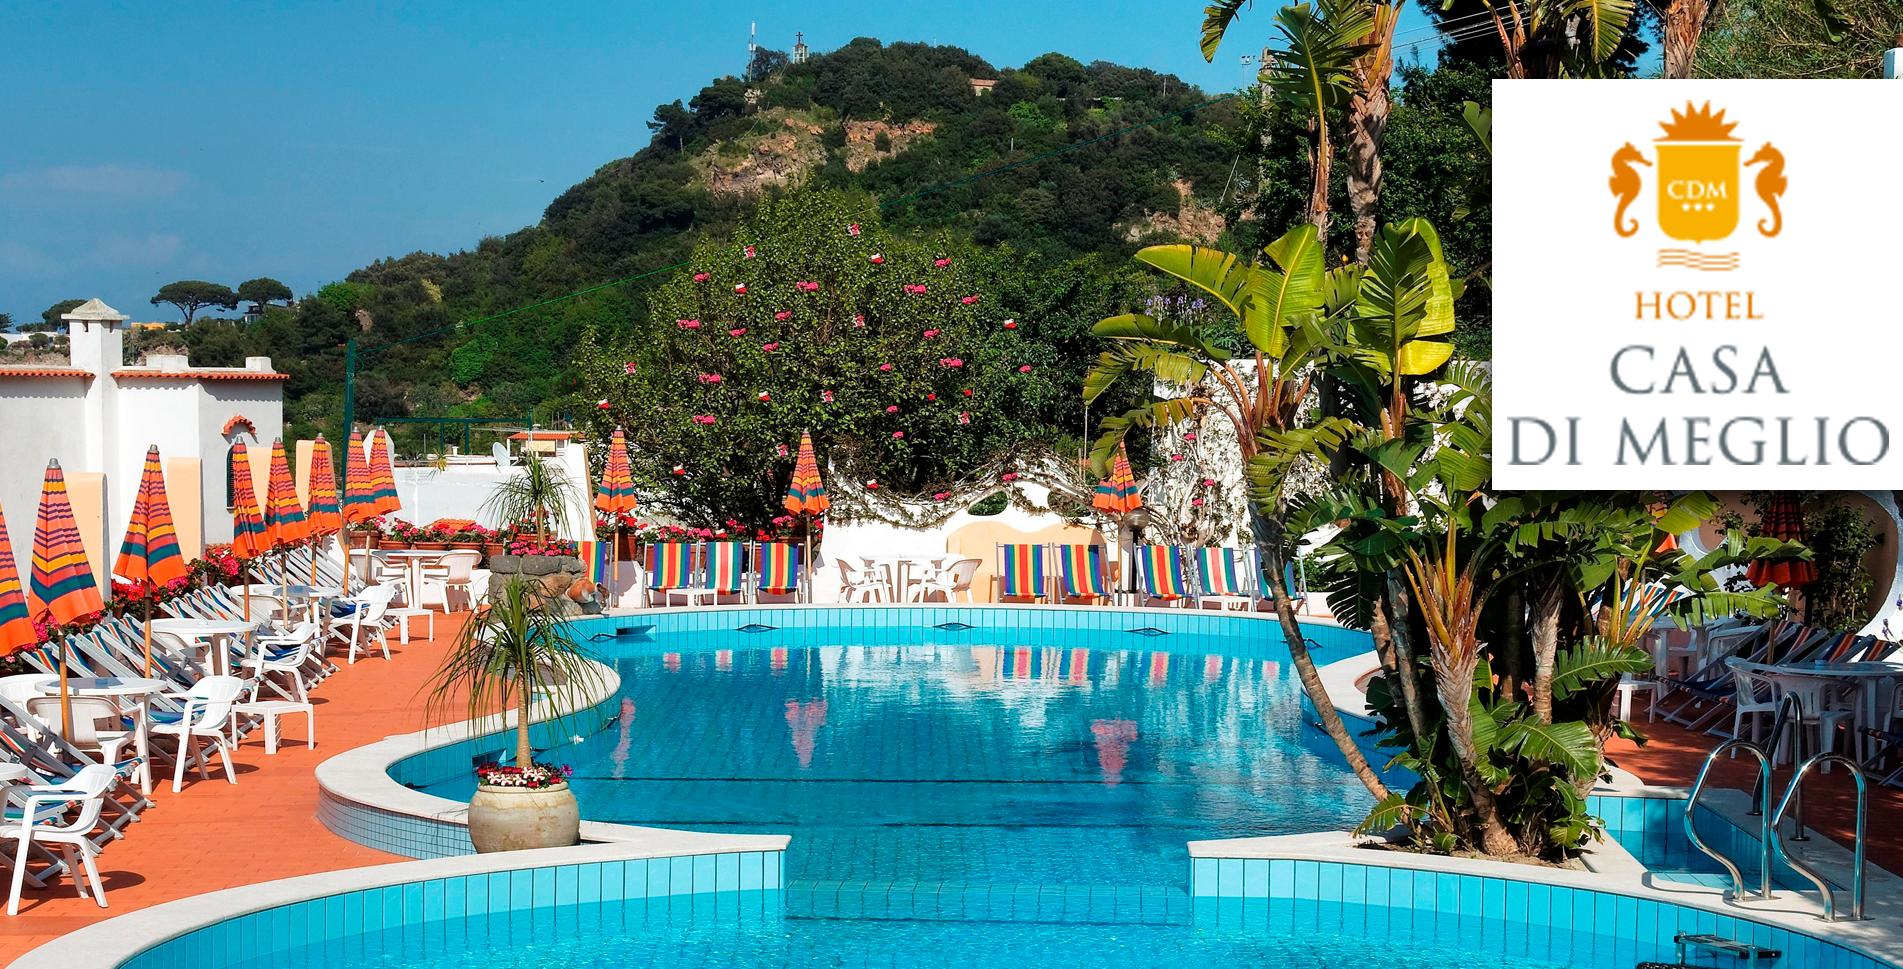 Wandern und Thermalbaden auf Ischia – Hotel Casa Di Meglio